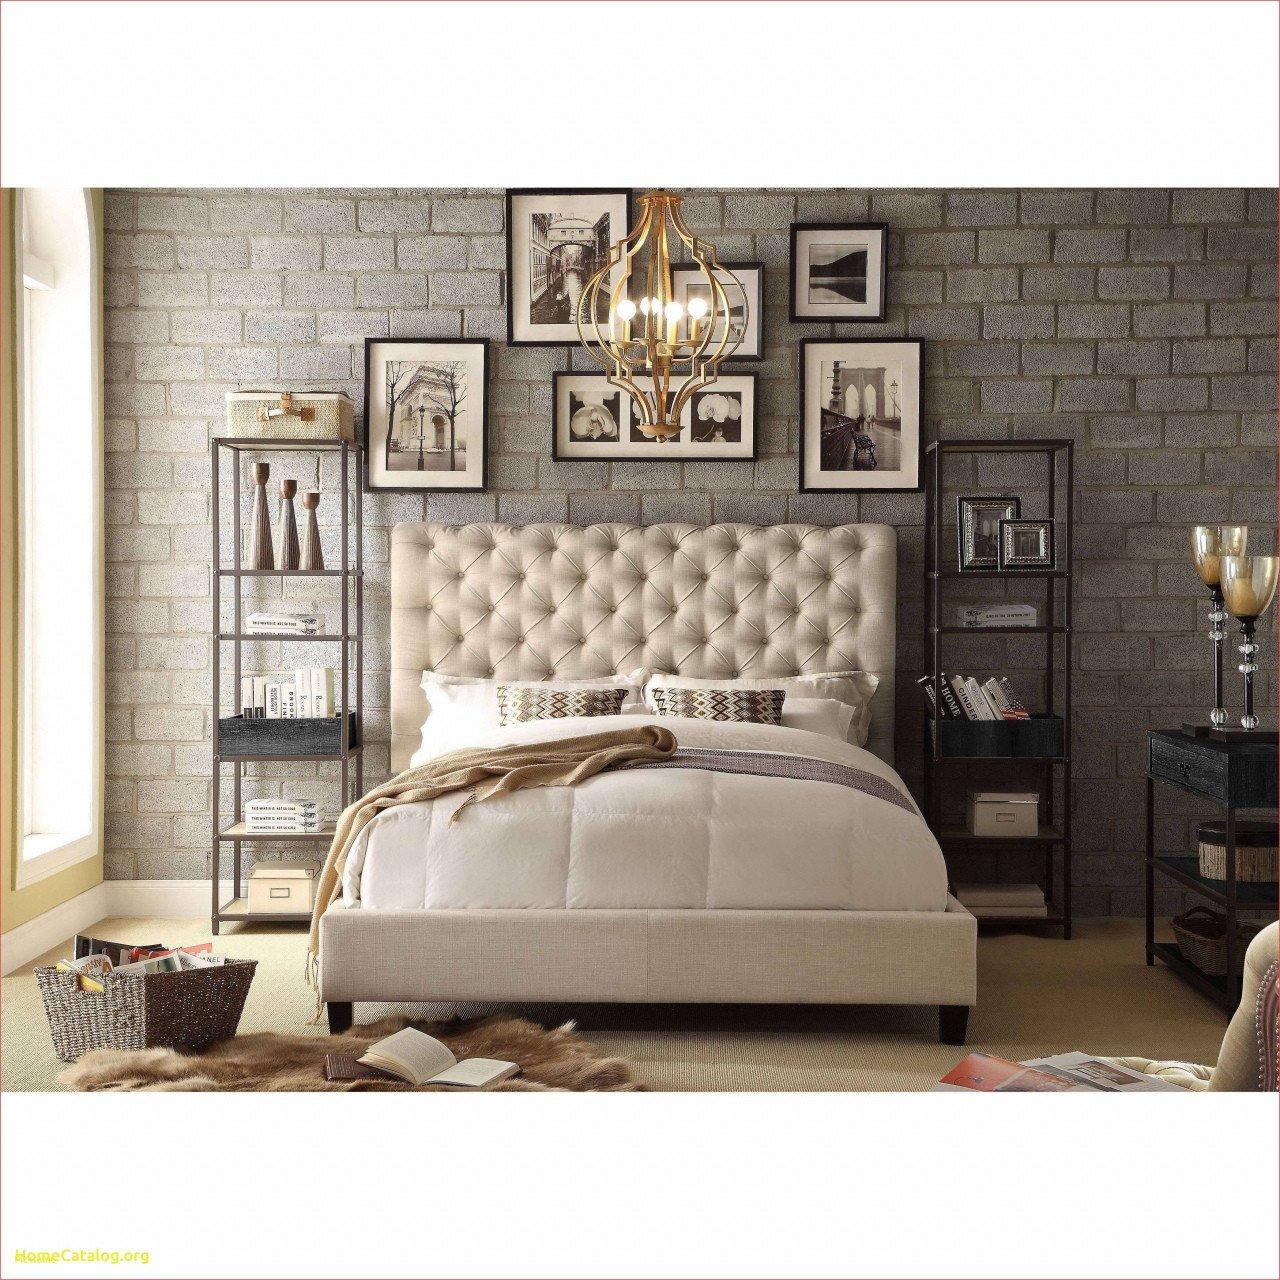 Used Queen Bedroom Set Luxury Gothic Bedroom Furniture — Procura Home Blog